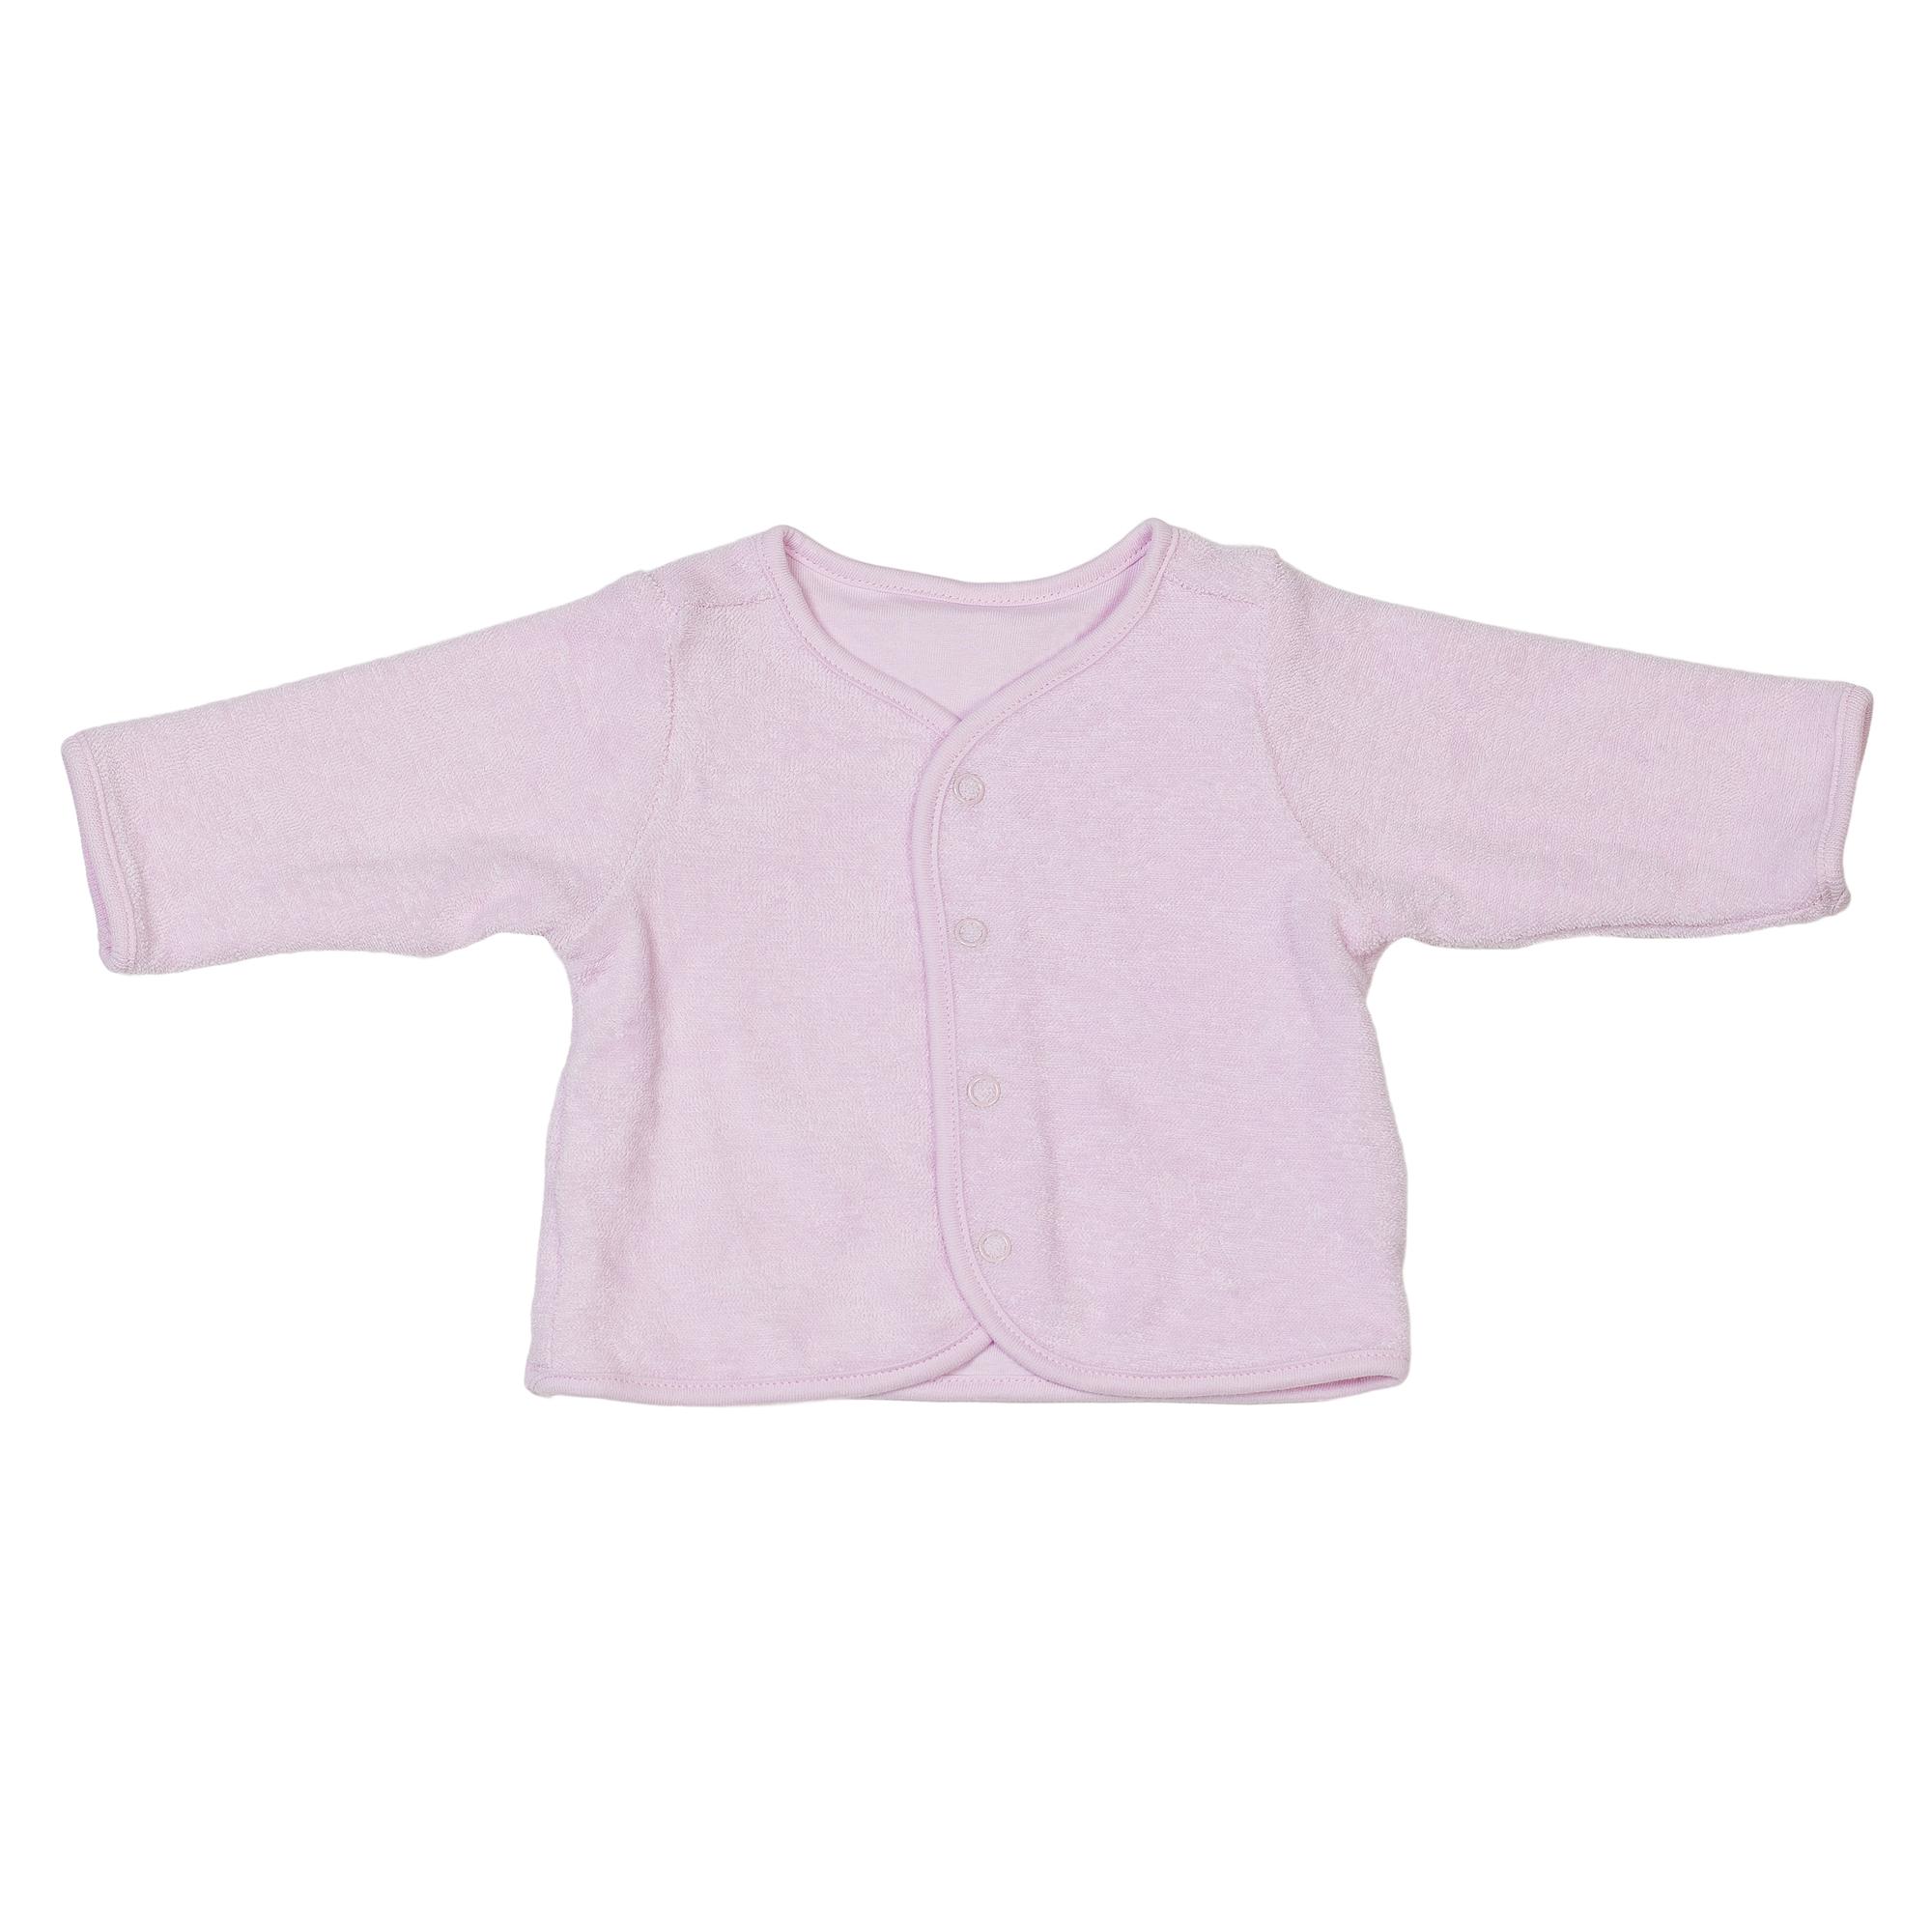 Baby Organic Cotton Jacket Pink